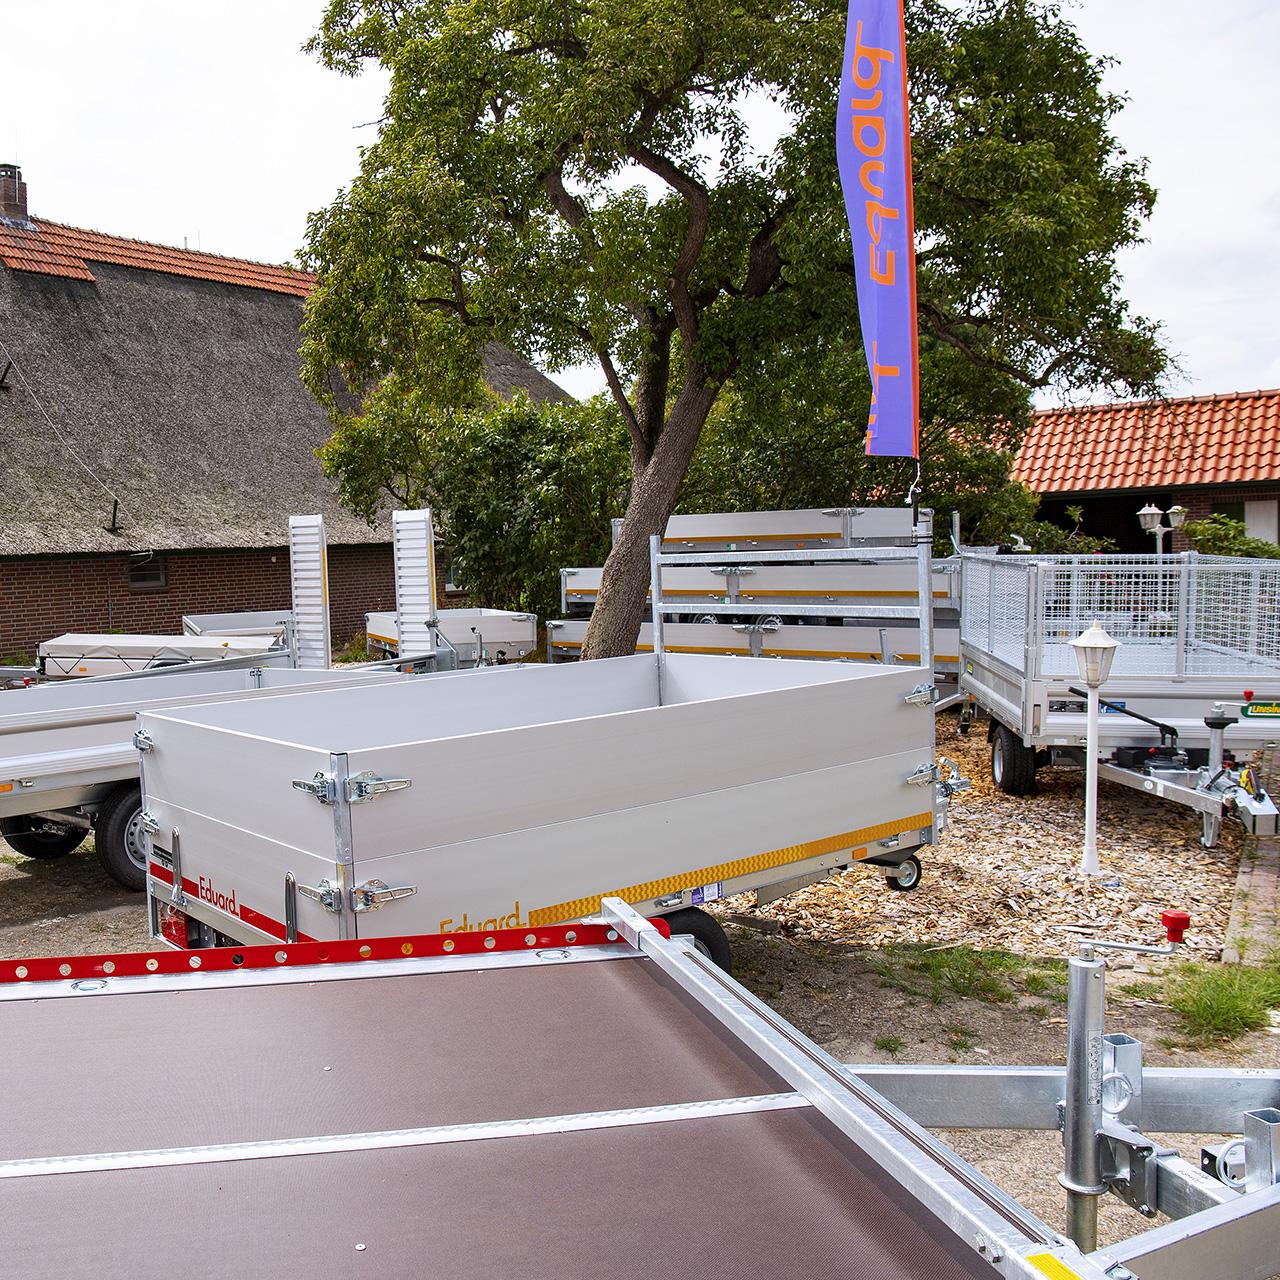 Anhänger-Ammerland Ausstellungsfläche